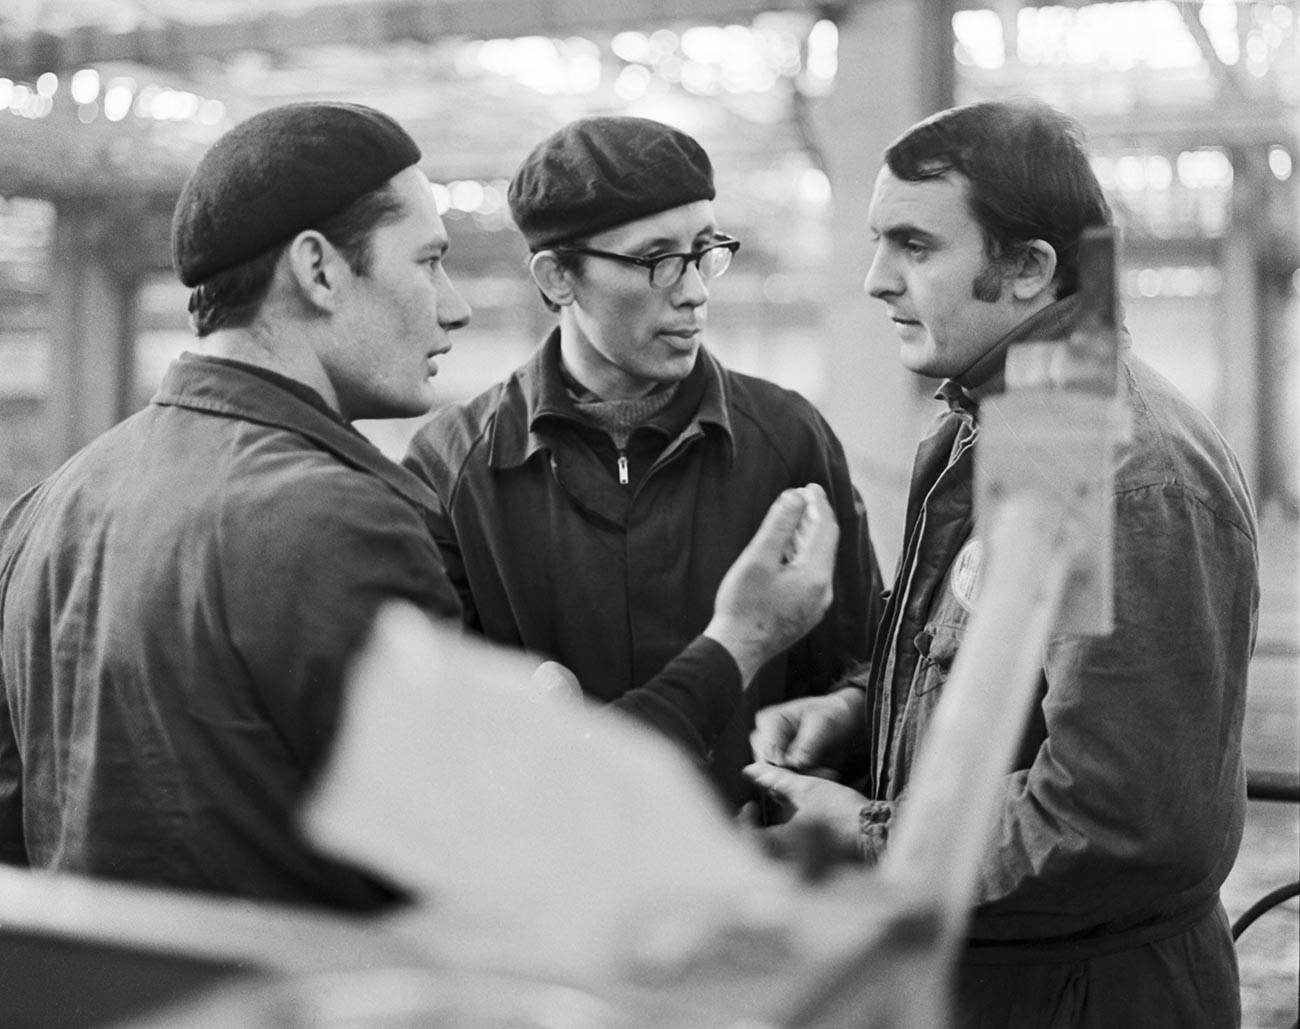 ВАЗ. Советските специјалисти Сергеј Јасинскиј и Николај Бородин разговараат со Италијанецот Виторио Бенажи.